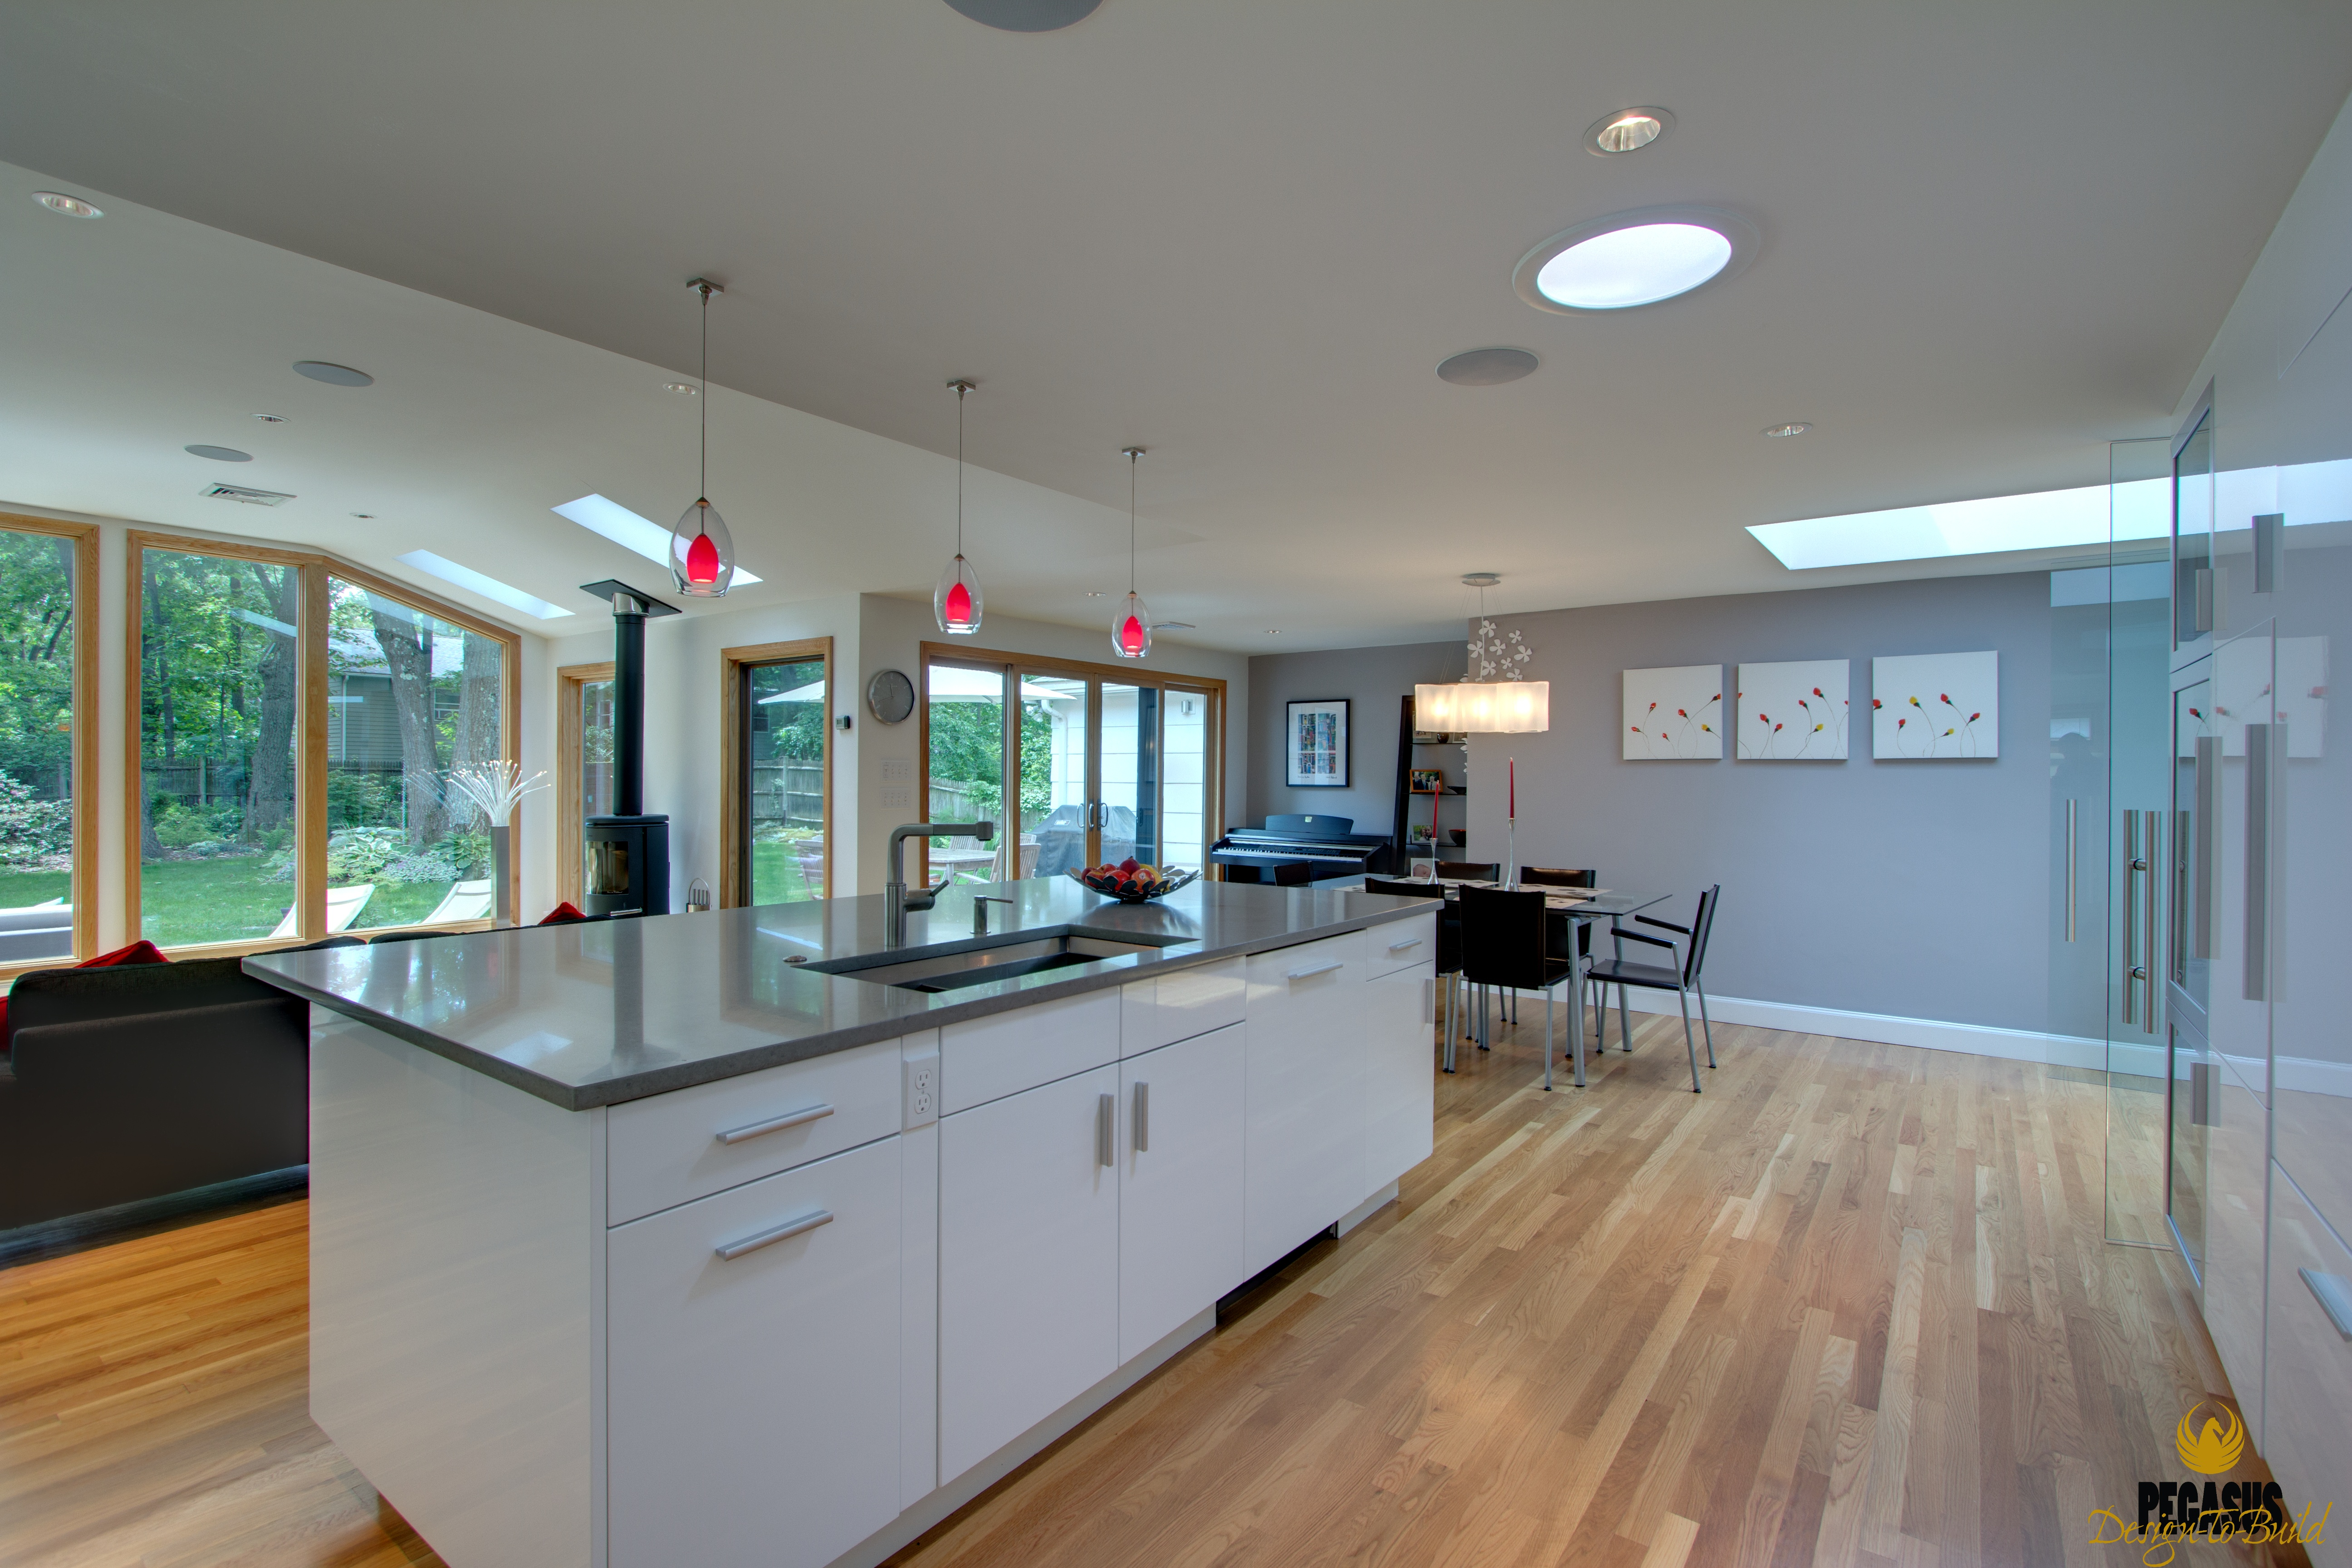 European Kitchens. Modern European Kitchen Cabinets In Combination ...